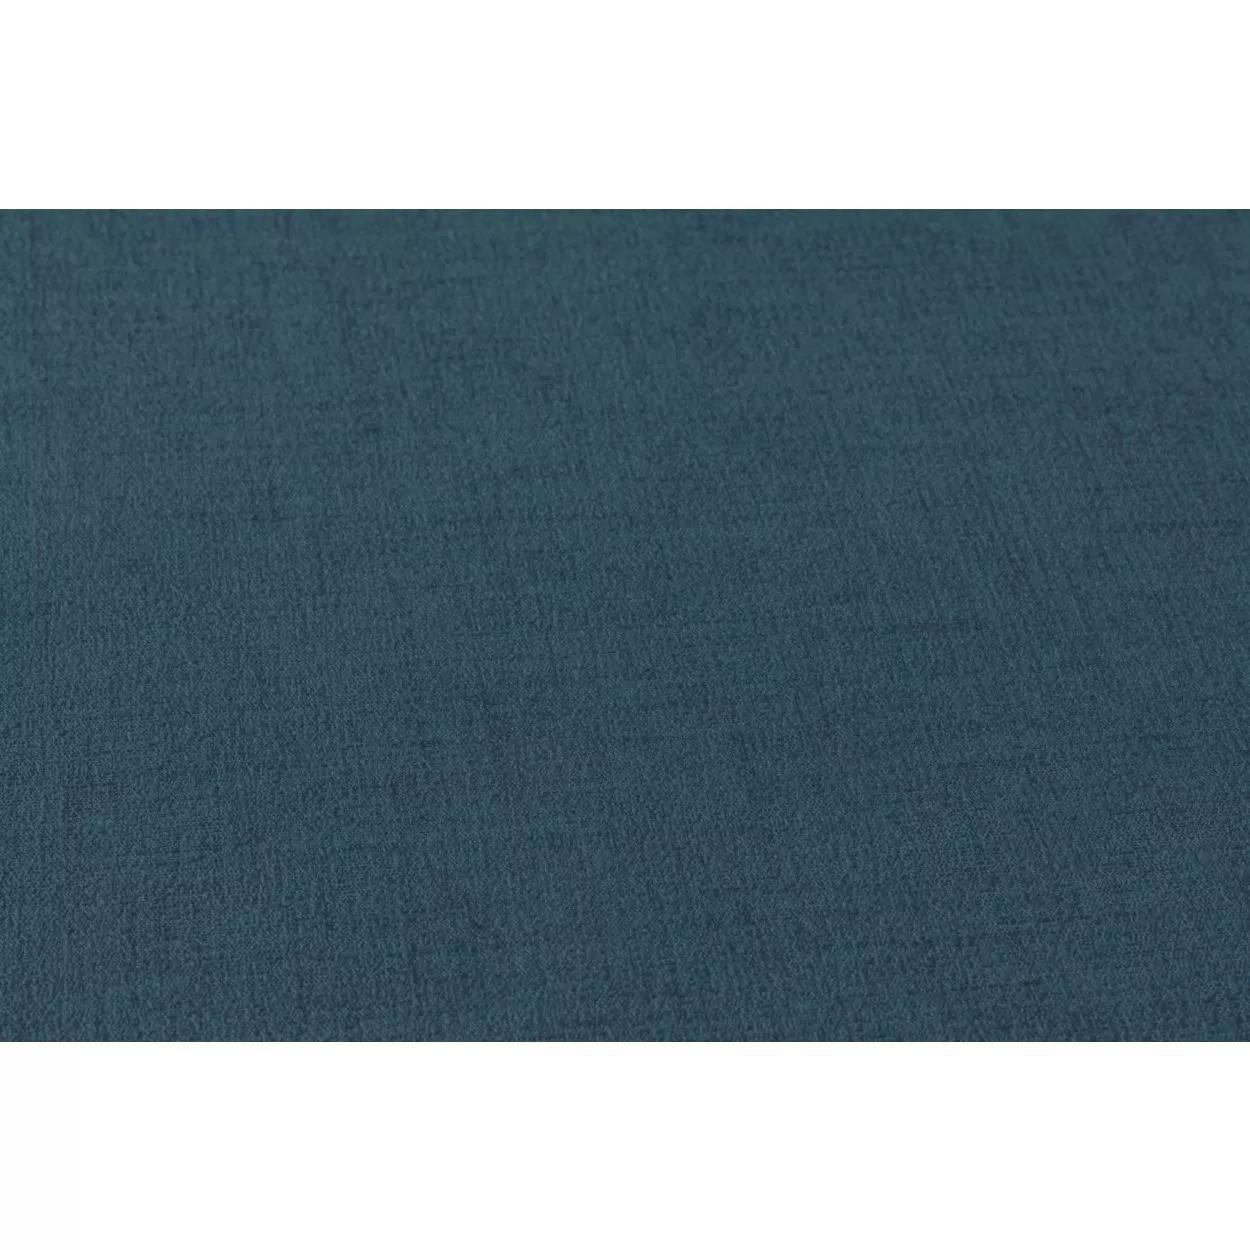 Kék textil szőtt hatású egyszínű vlies vinyl tapéta